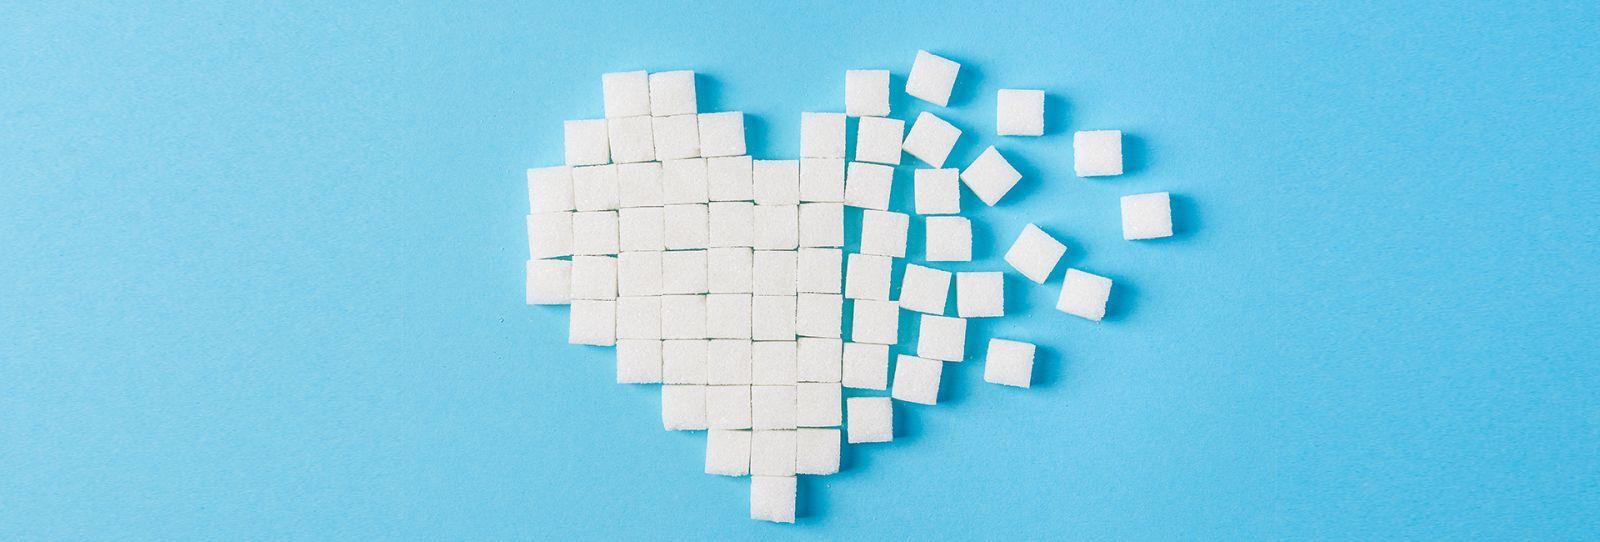 Şeker Hastalığı (Diyabet) Belirtileri Nelerdir / Erkek, Kadın ve Çocuklarda Şeker Hastalığı Belirtileri Nelerdir?